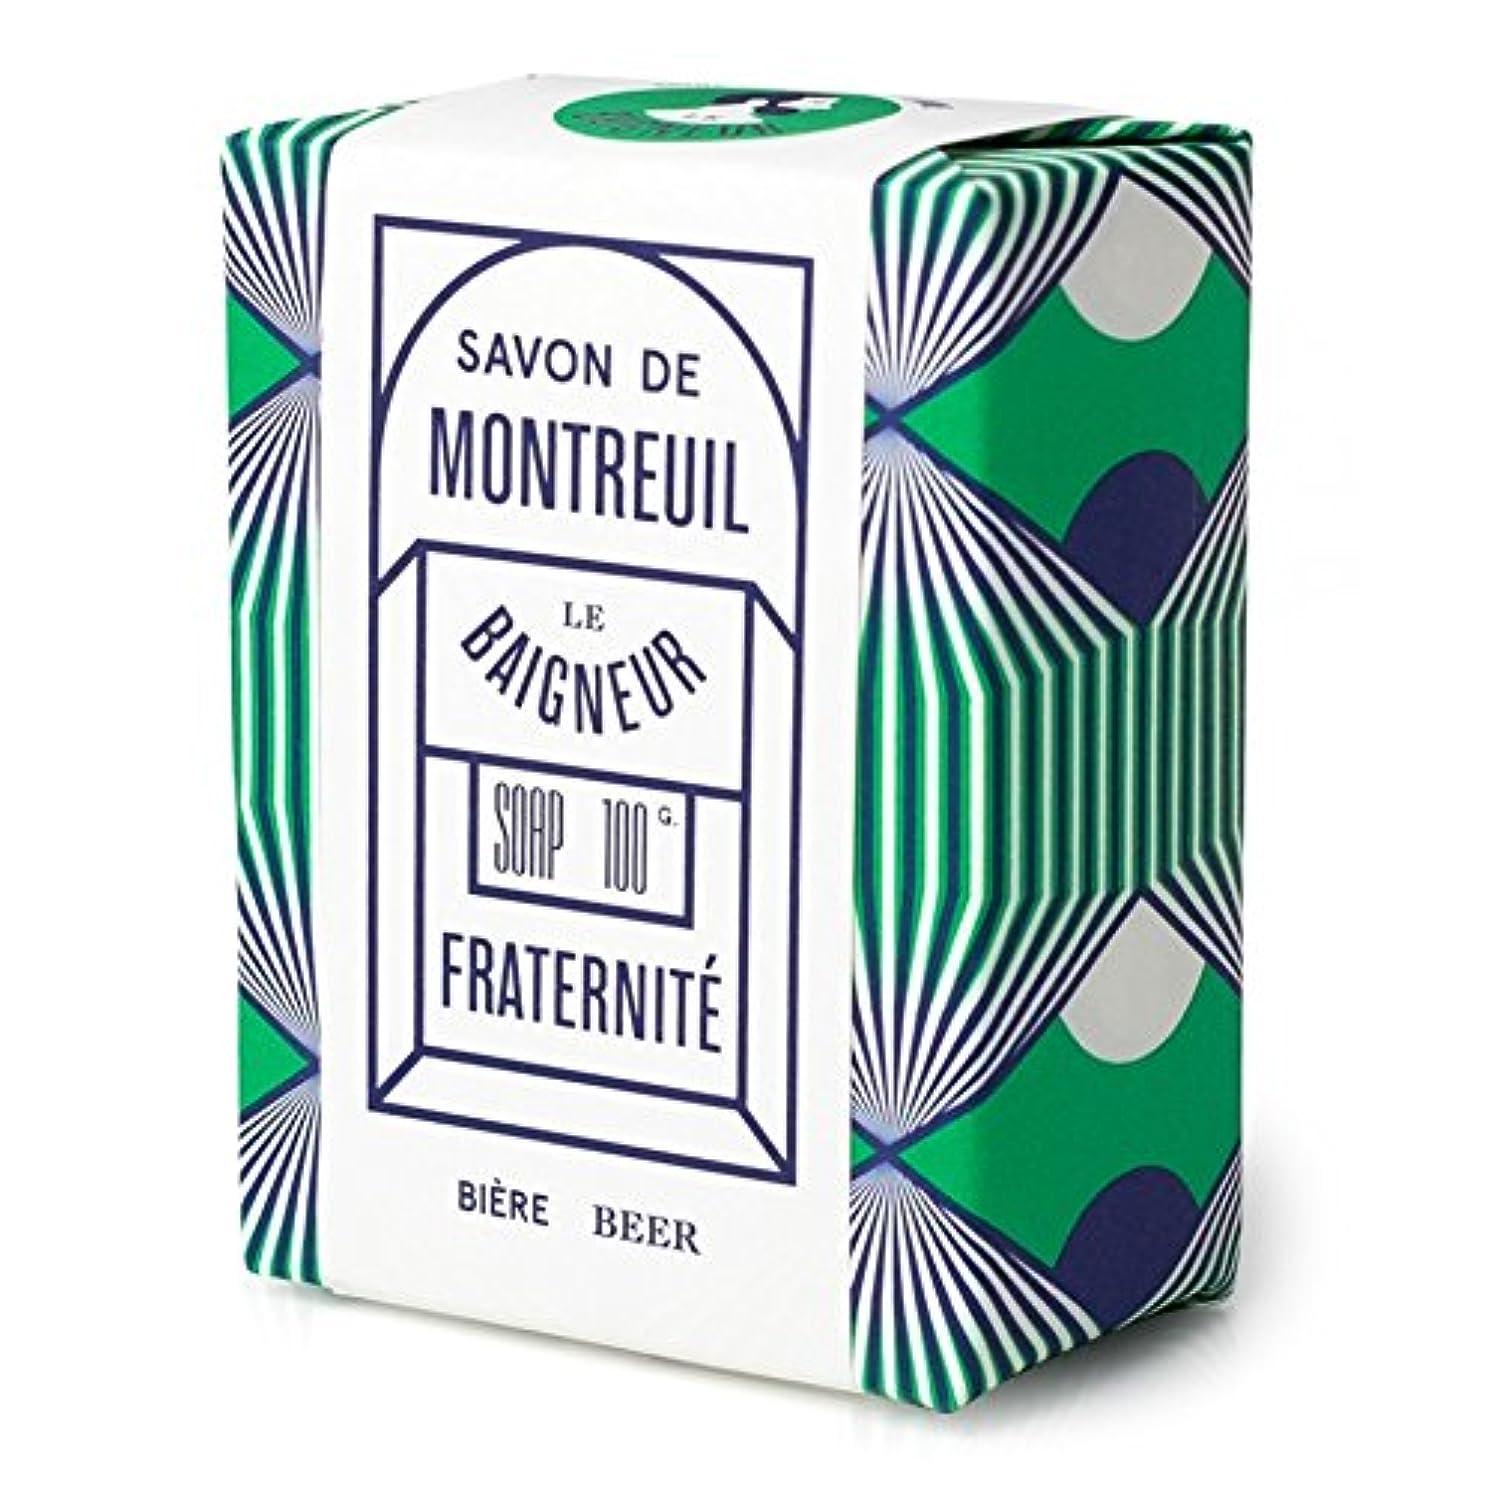 壊滅的な冷笑する趣味ル 石鹸100グラム x4 - Le Baigneur Fraternite Soap 100g (Pack of 4) [並行輸入品]